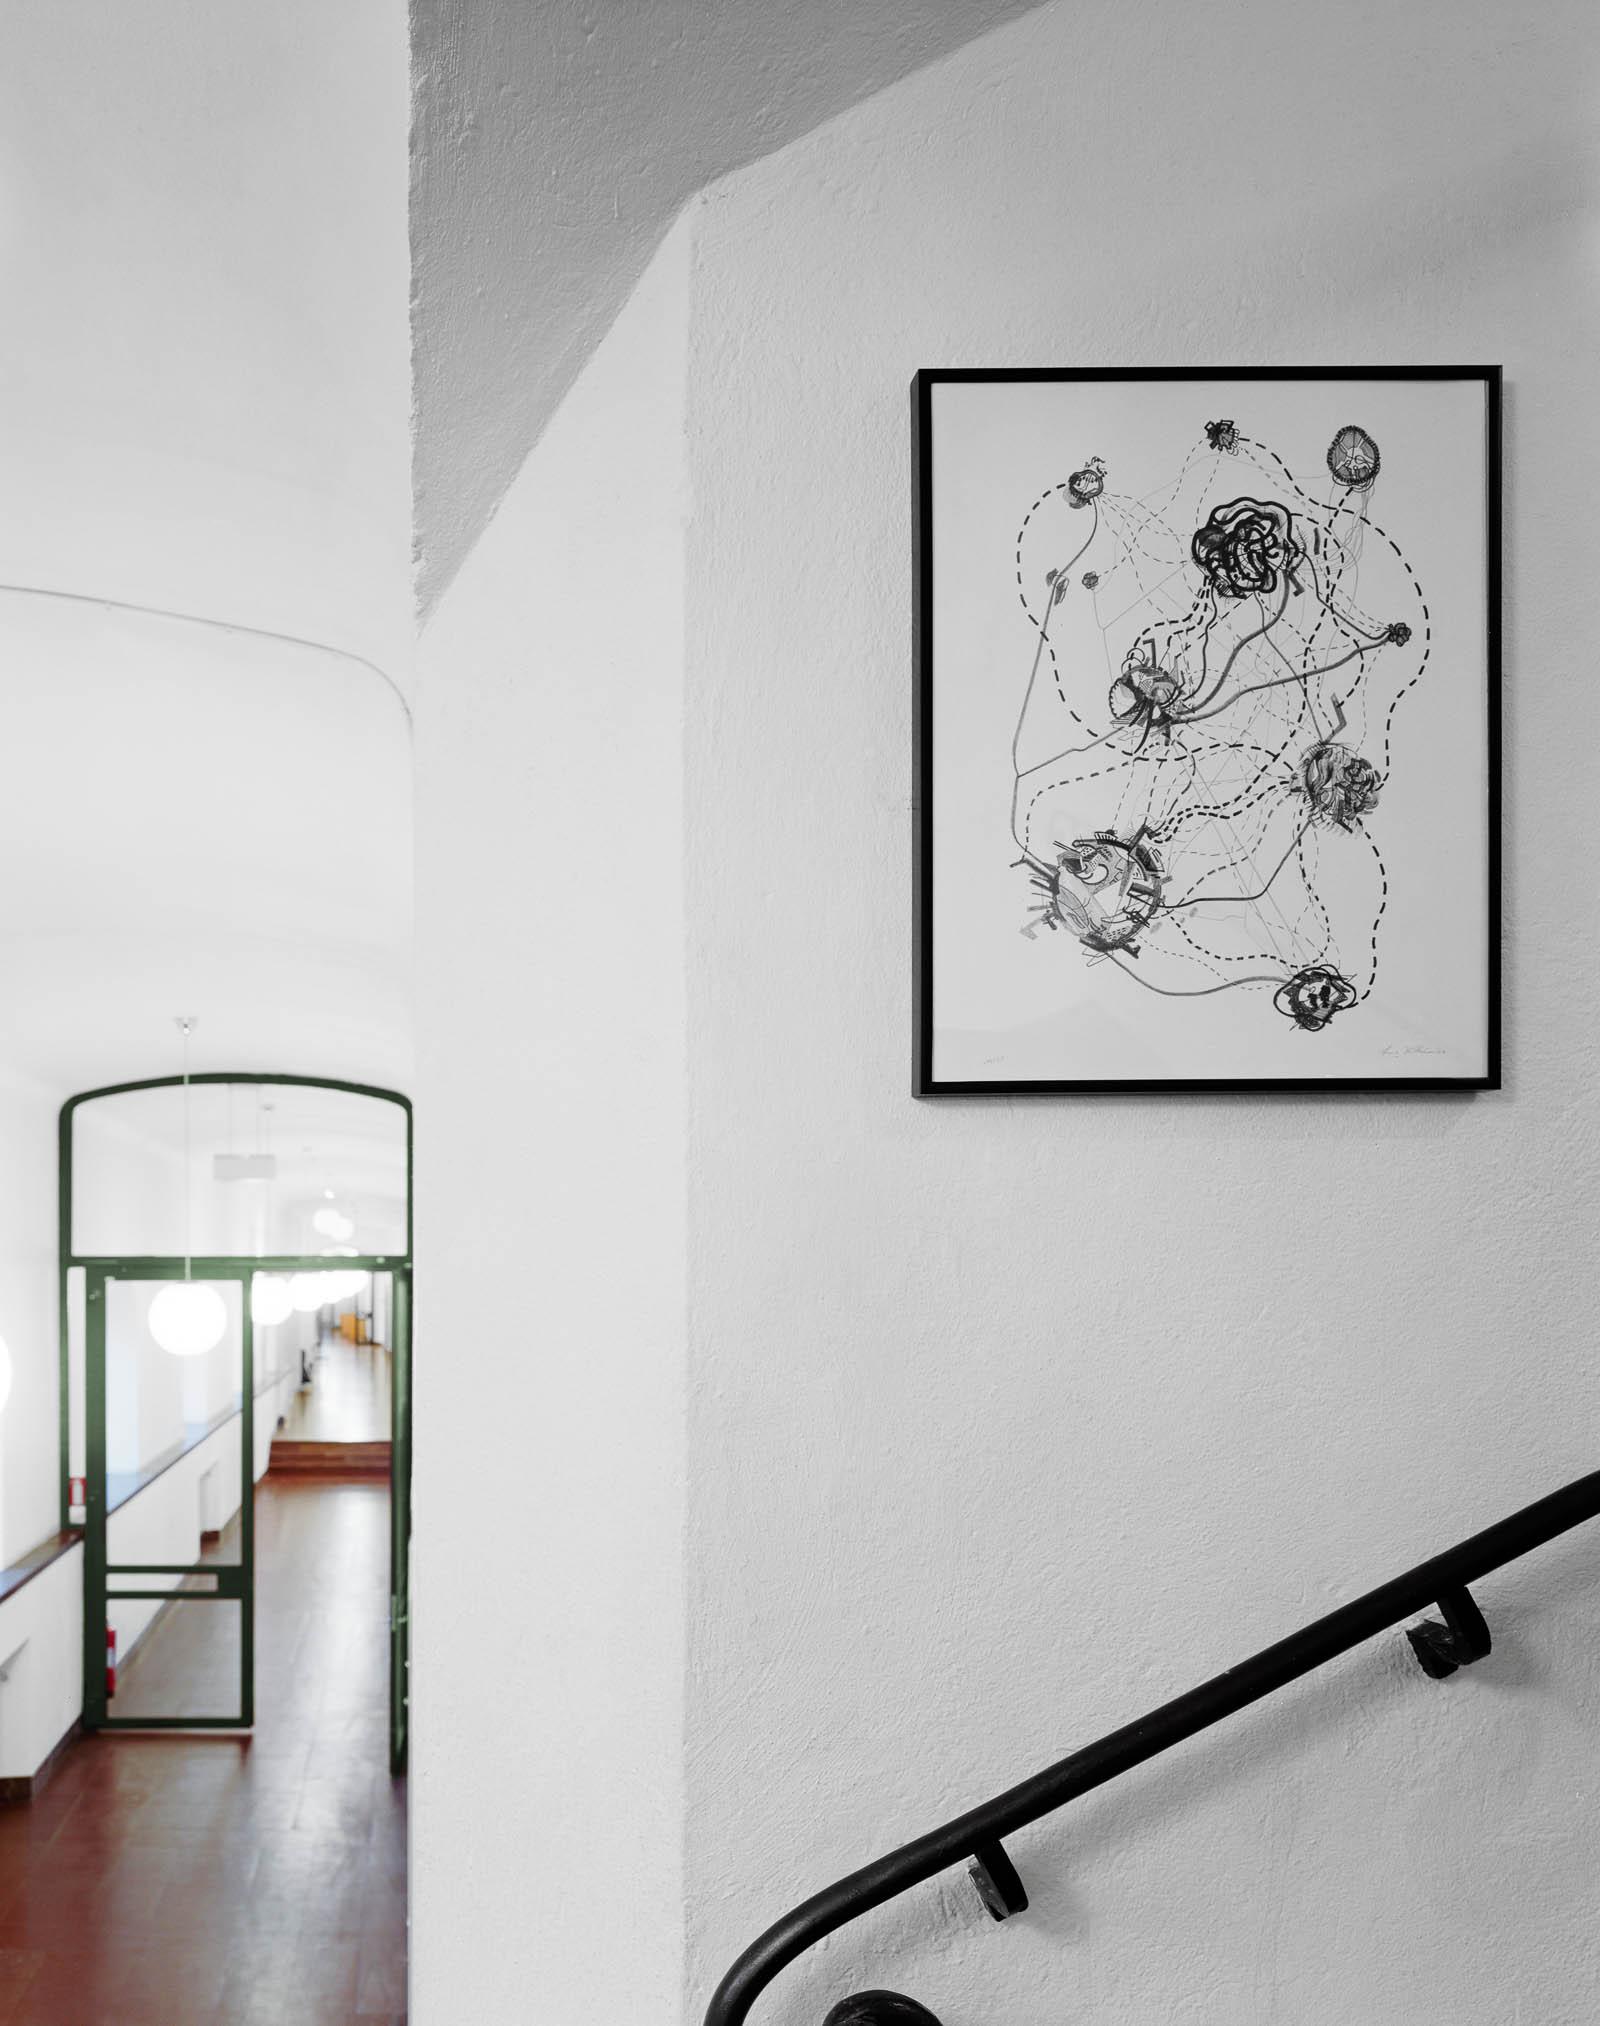 Svartvitt inramat verk på väggen i ett trapphus. Celliknande former sammanlänkade av streckade linjer. Franz Ackermann, Travelling North, (2007).